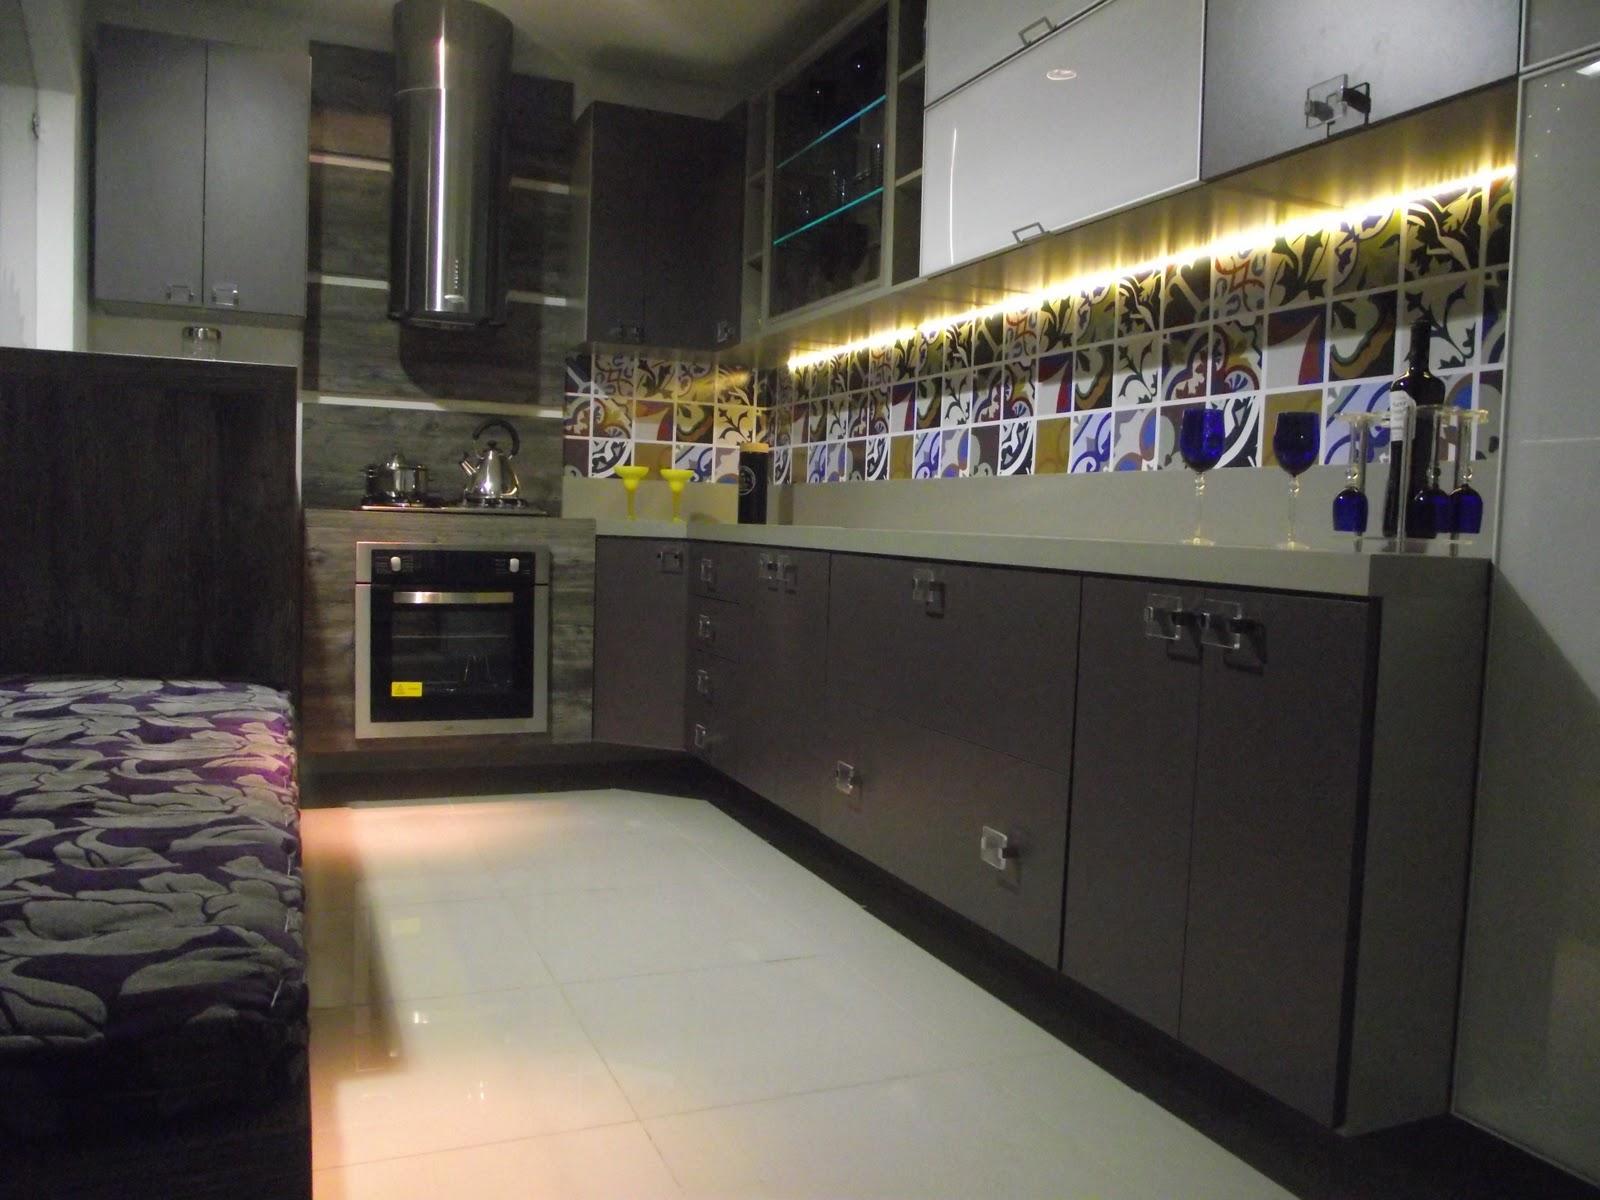 Arch Design Planejar Cozinha Retr